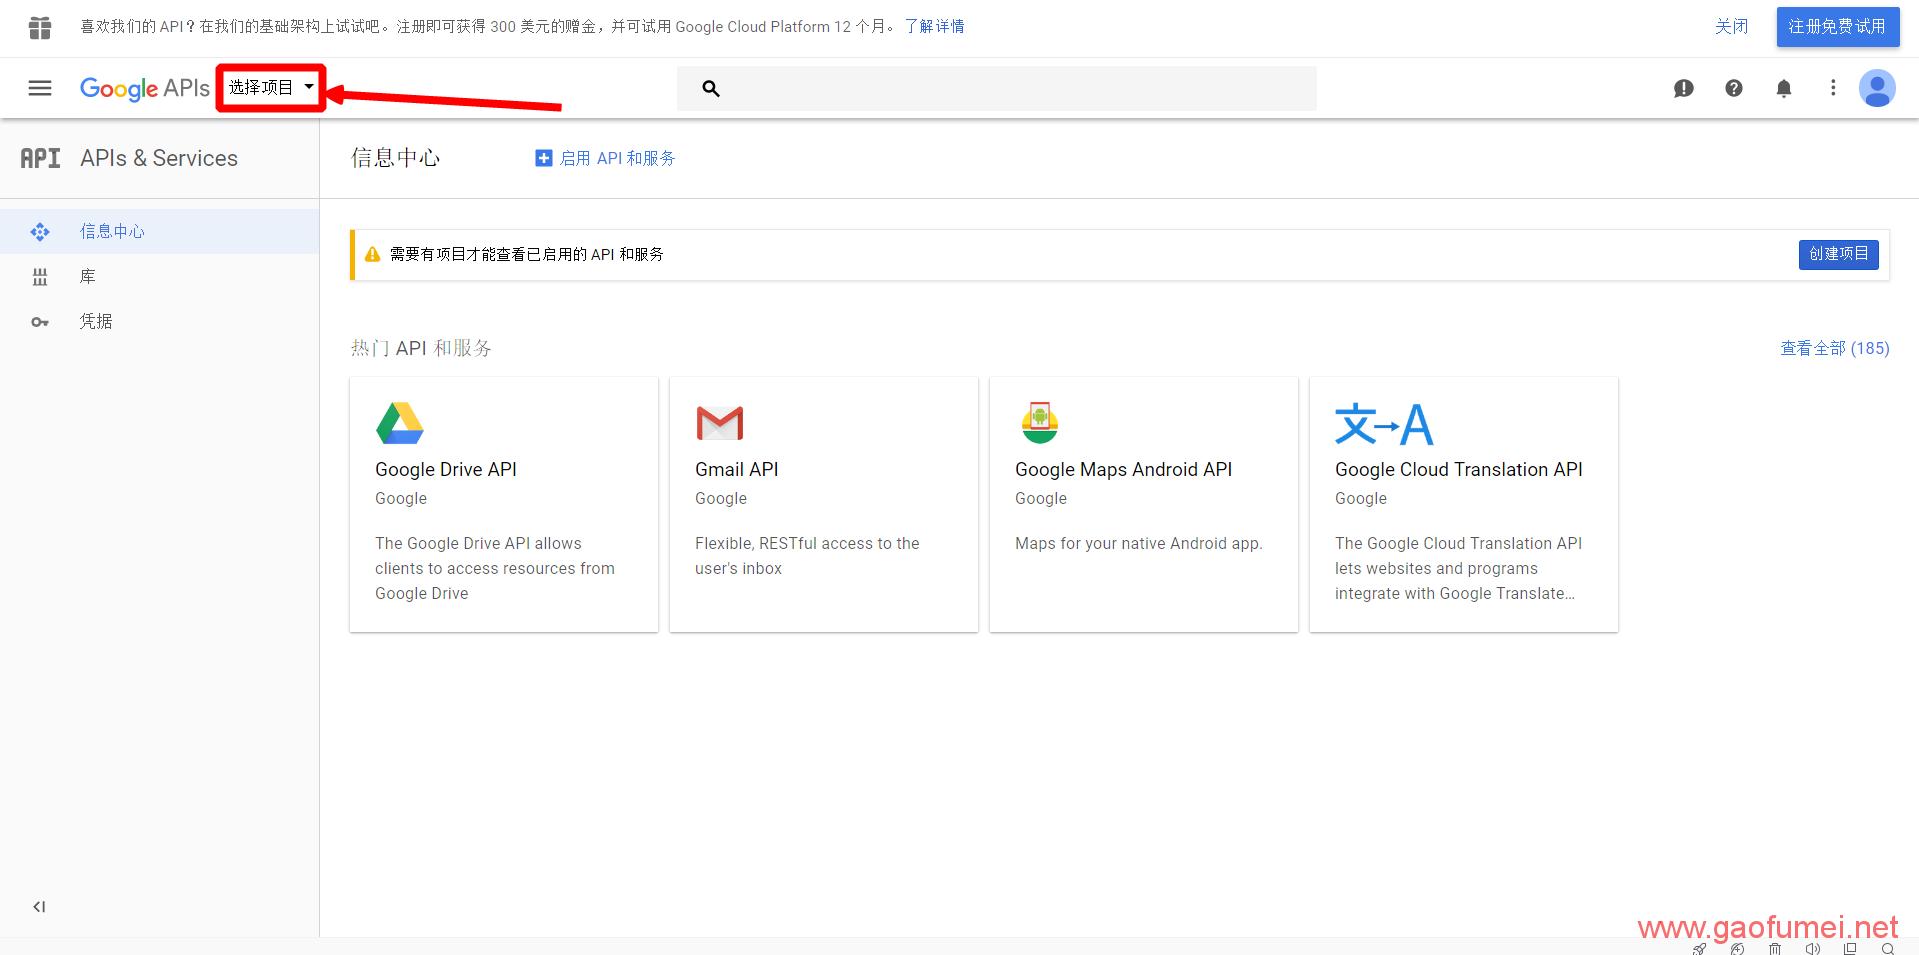 低成本搭建私人Youtube镜像,国外PHP虚拟搭建油管镜像攻略! 网络问题 第2张-泥人传说